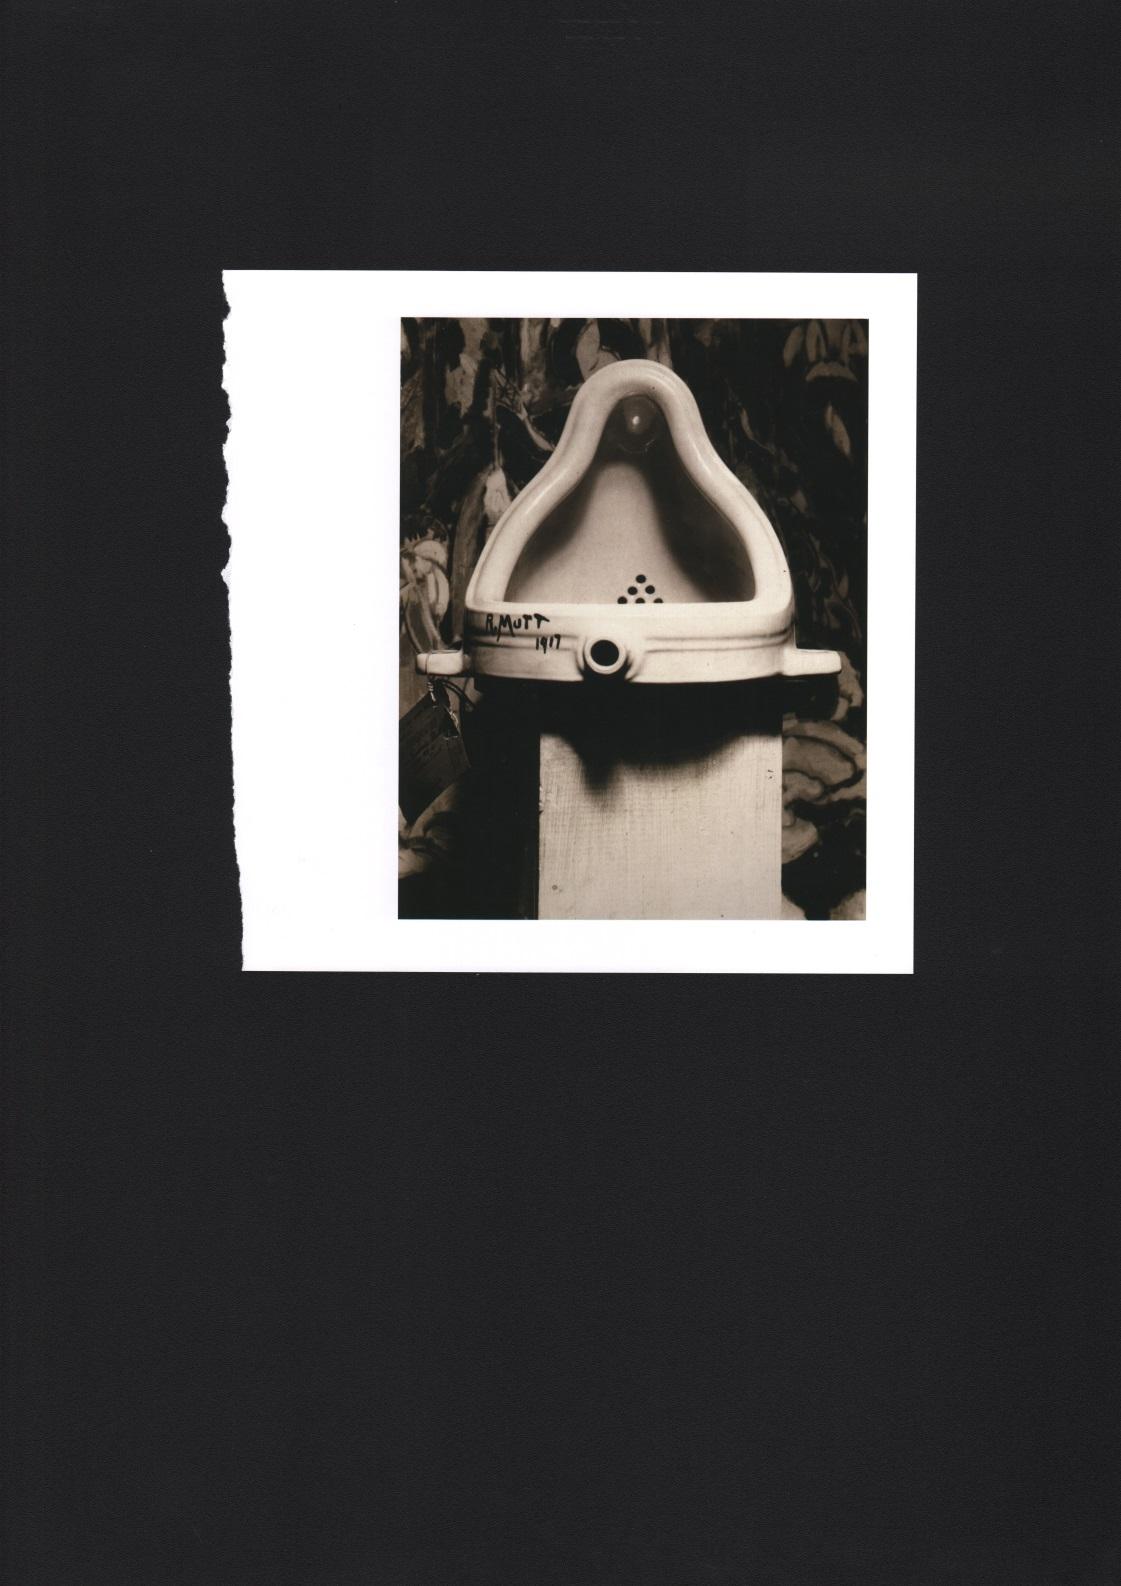 Saâdane Afif et le fantôme de Duchamp